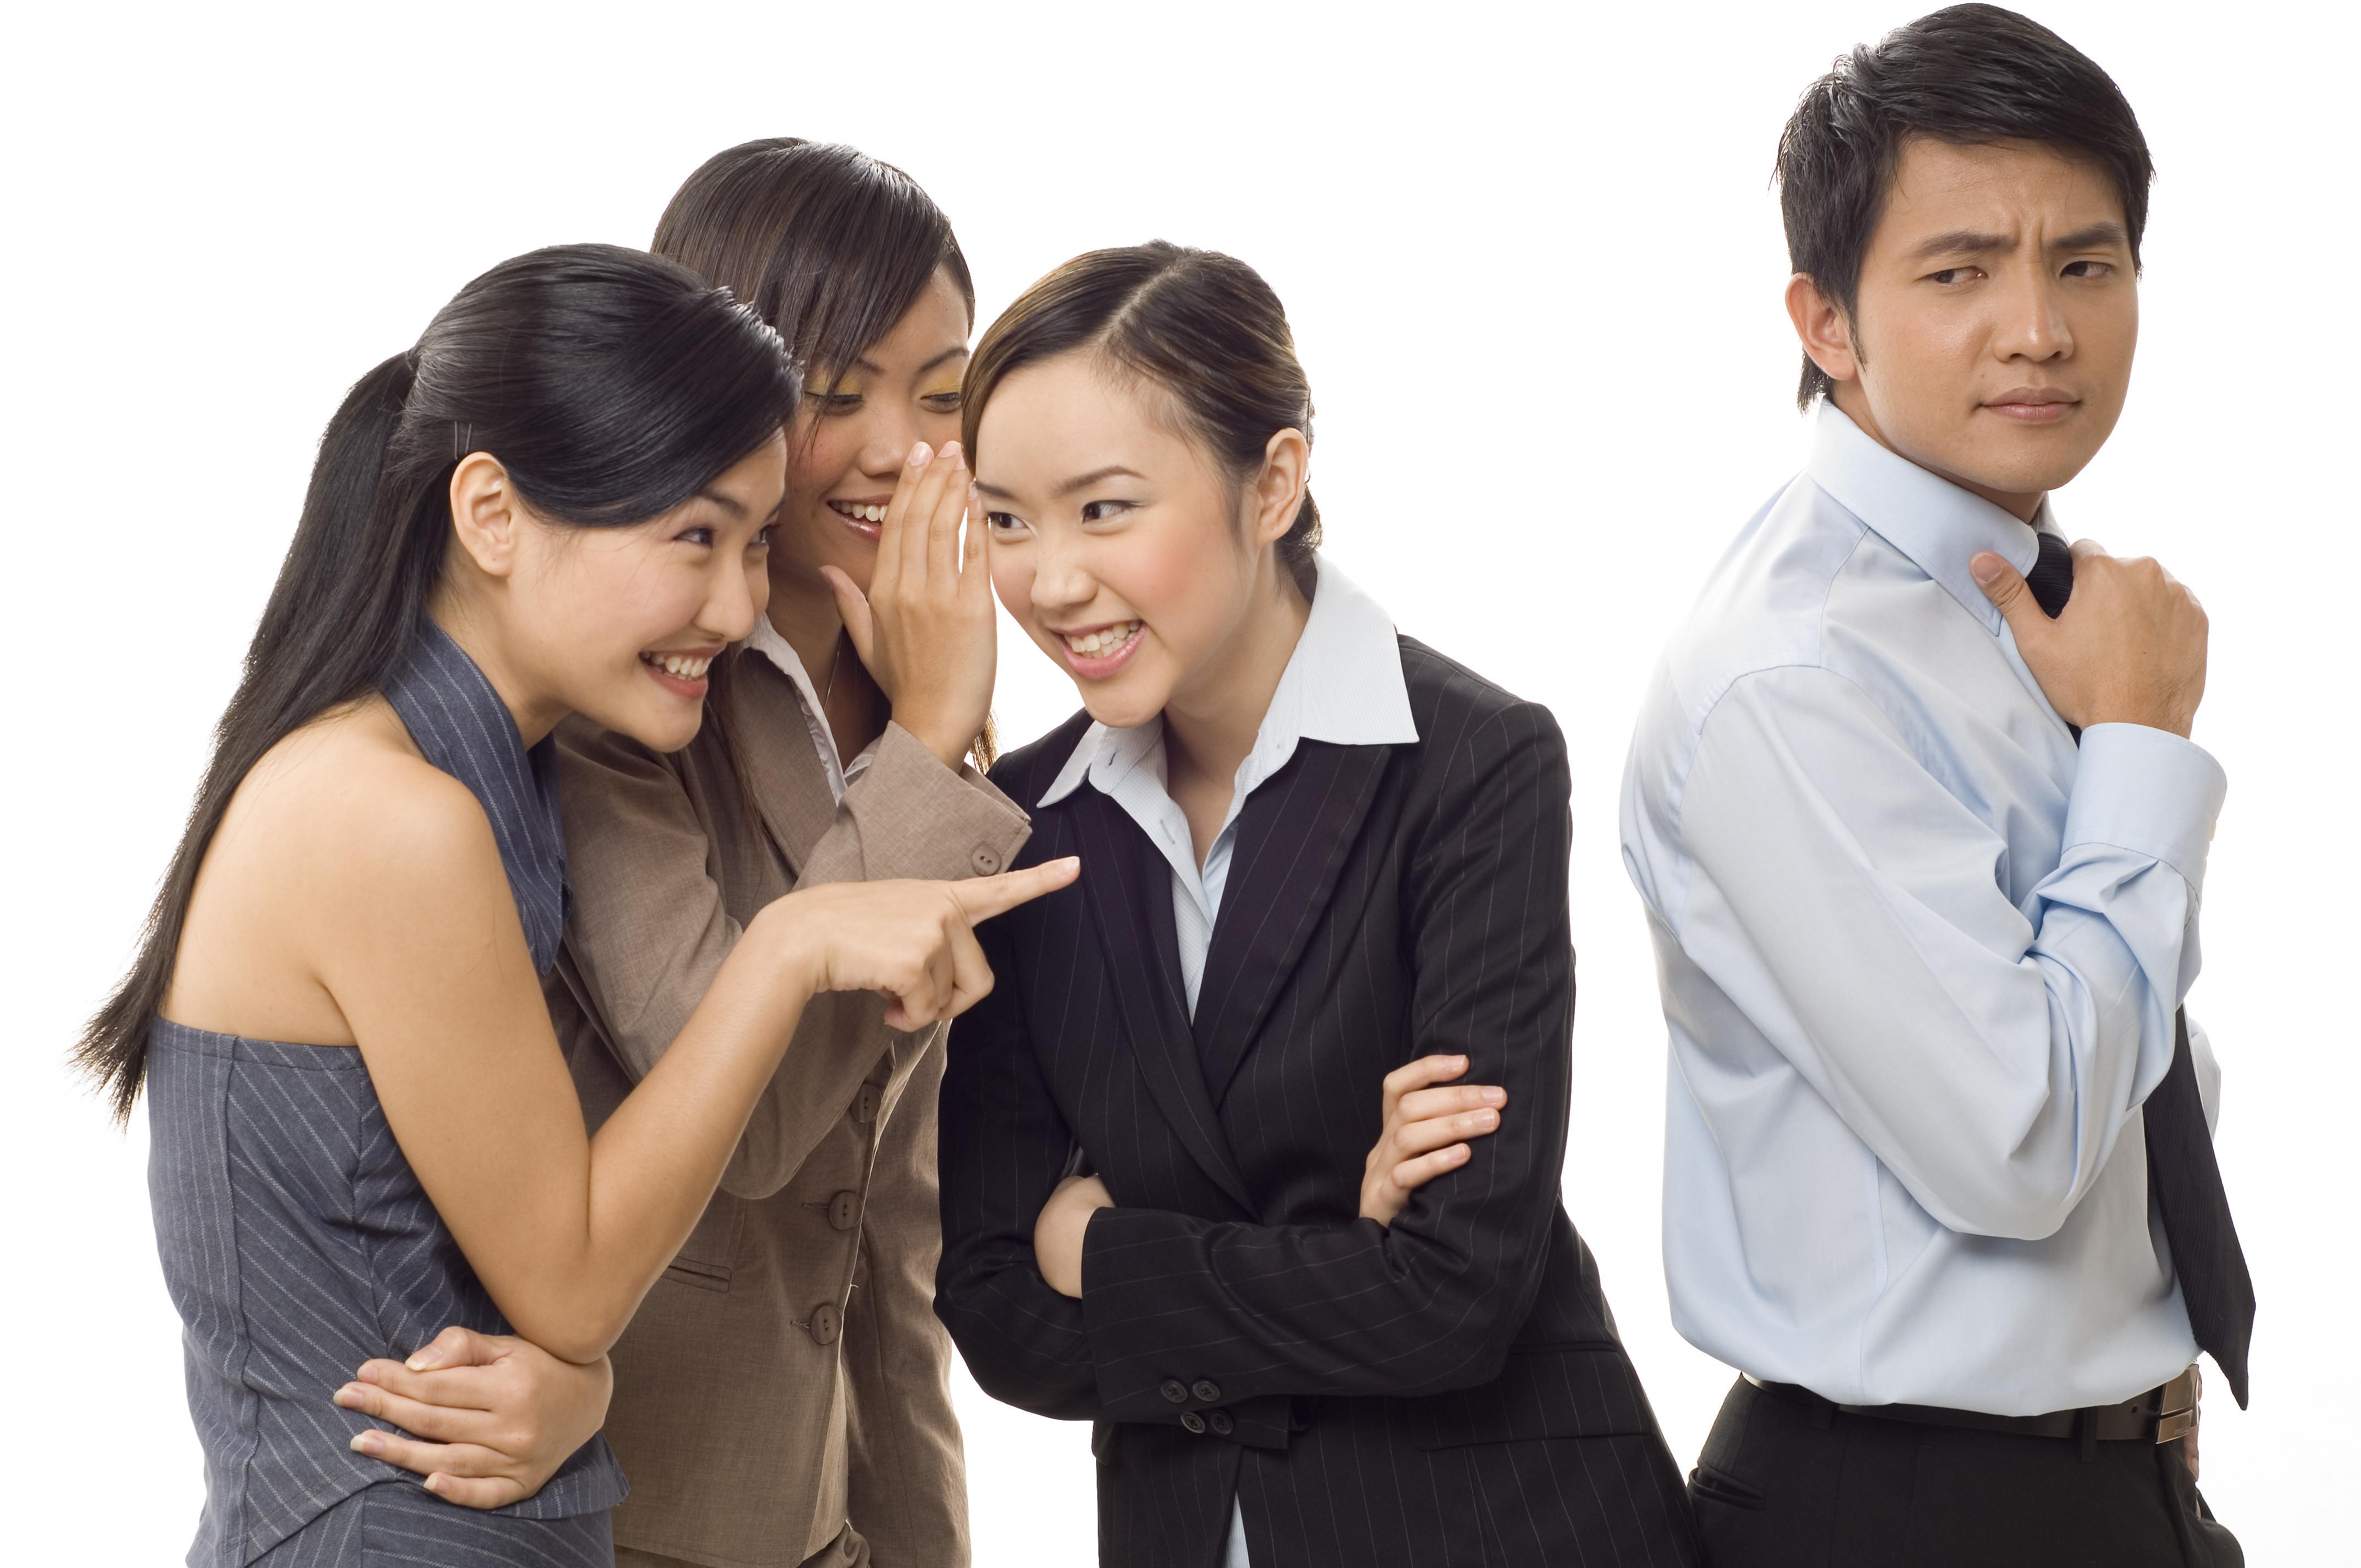 Hình ảnh những nhân viên văn phòng đang bàn tán